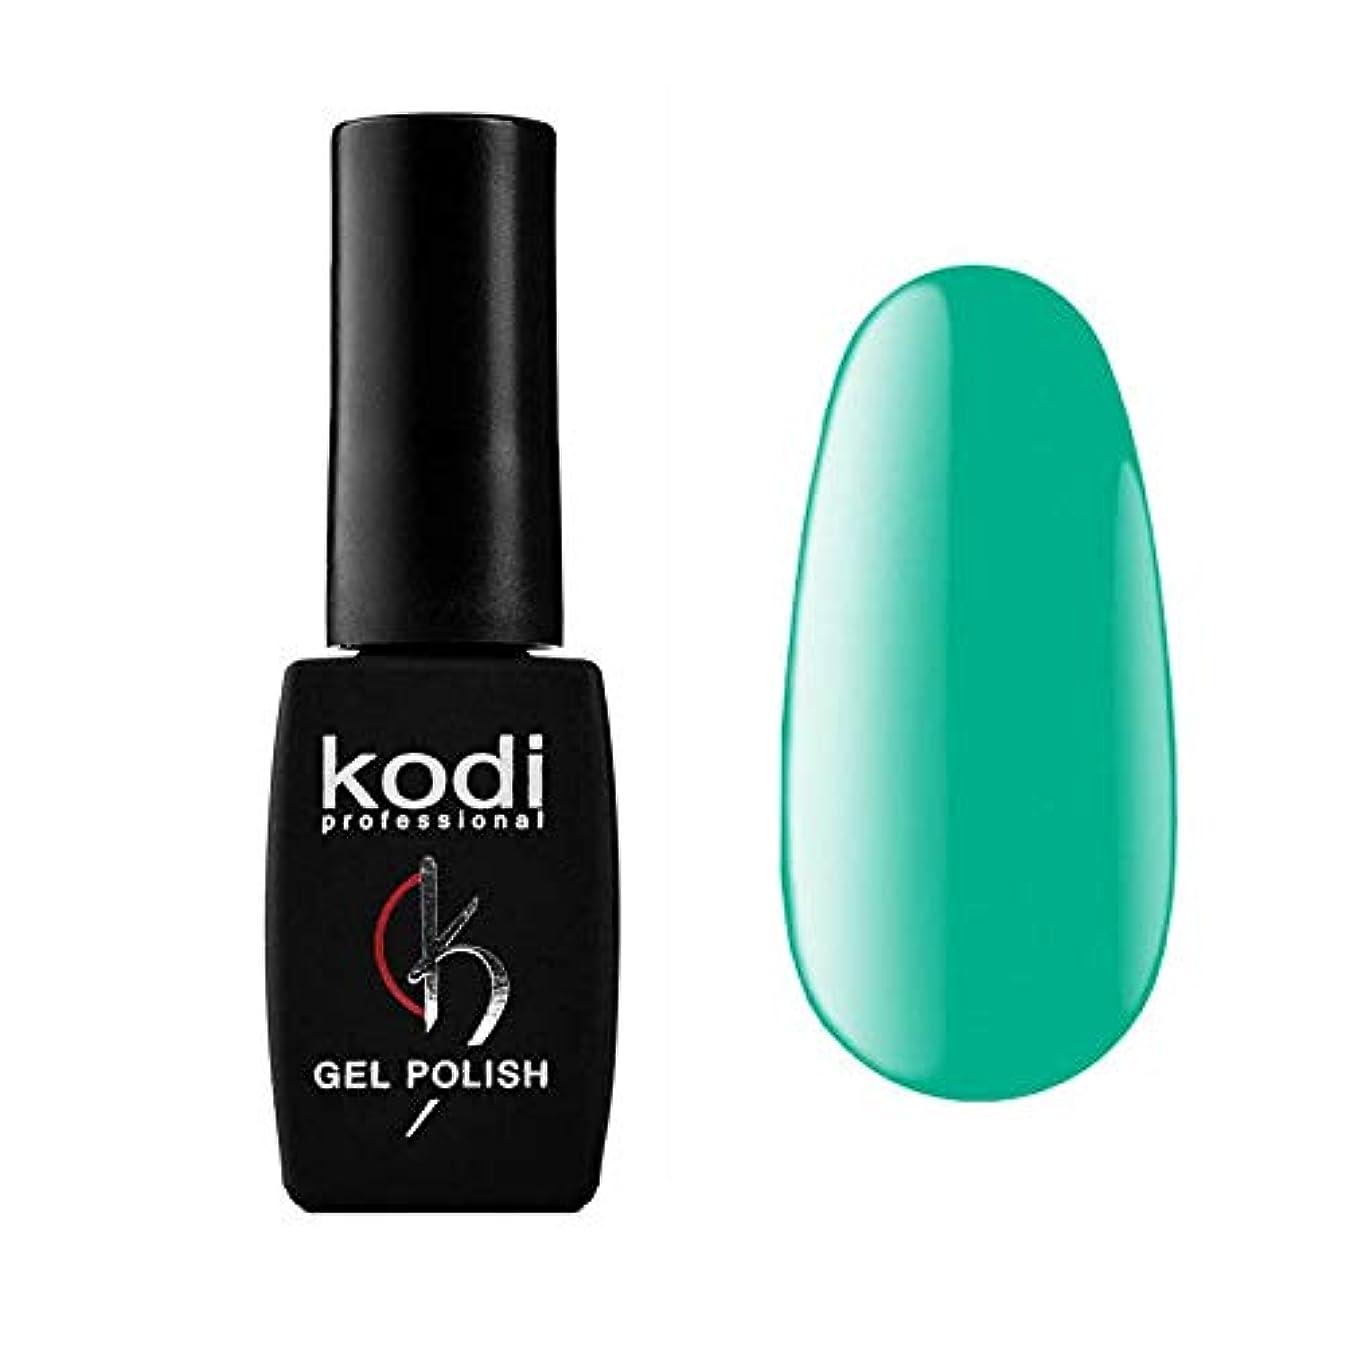 ファイアル失うショッピングセンターKodi Professional New Collection AQ AQUAMARINE #20 Color Gel Nail Polish 12ml 0.42 Fl Oz LED UV Genuine Soak Off